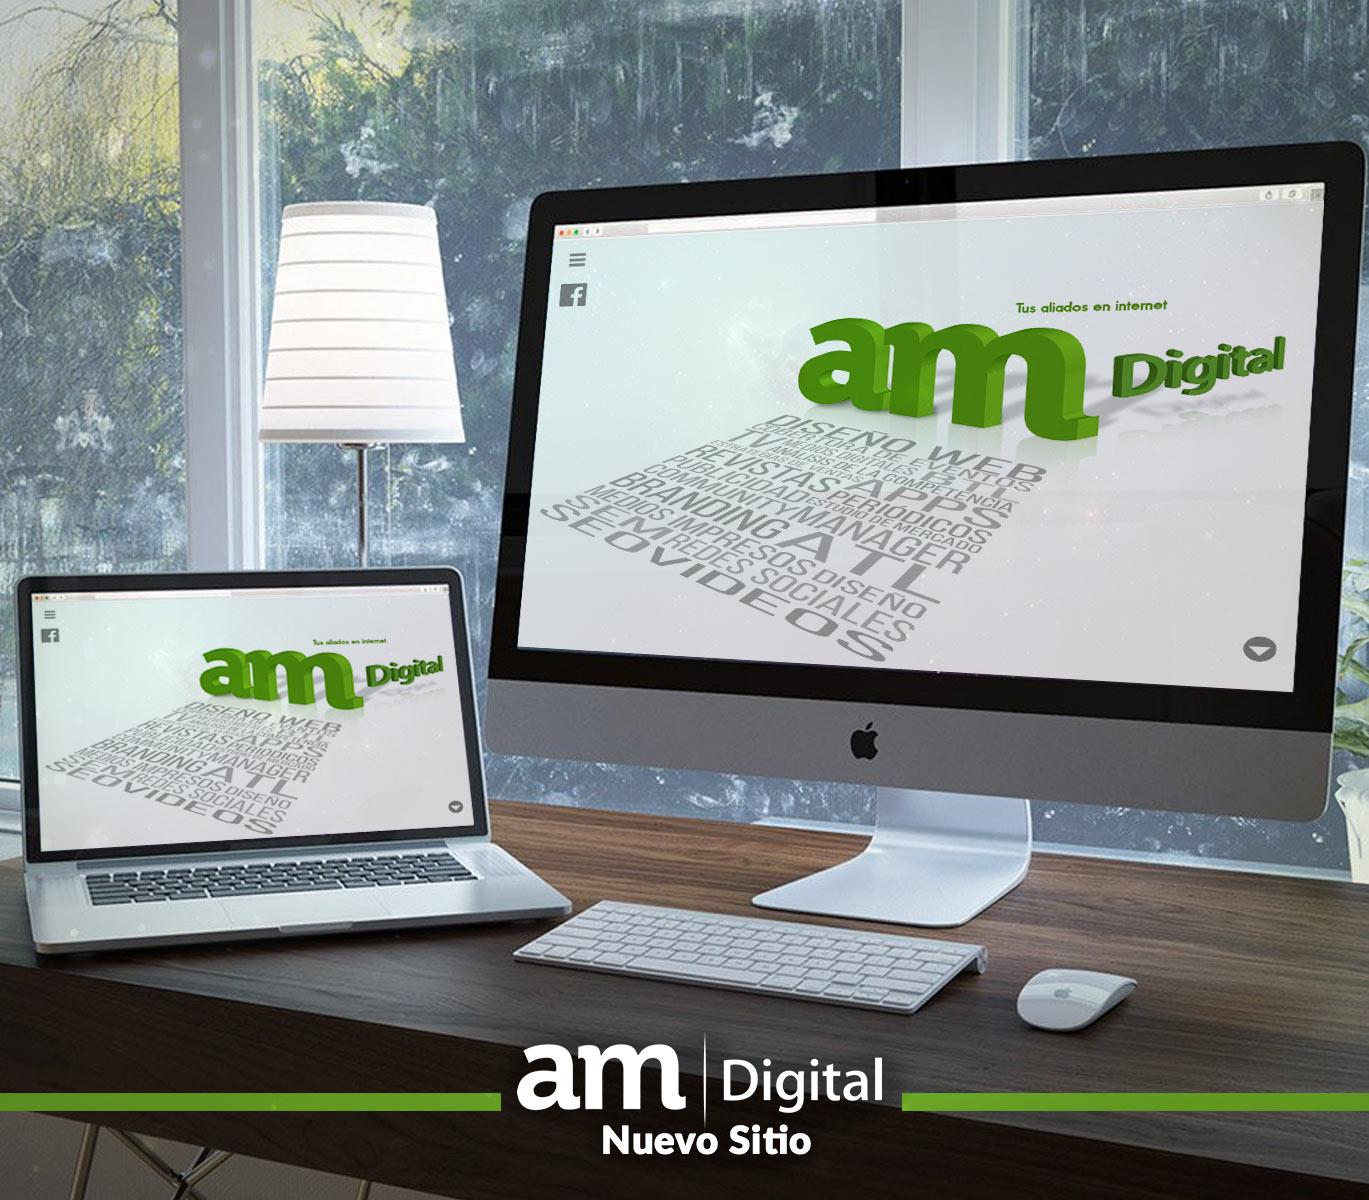 (c) Amdigital.mx